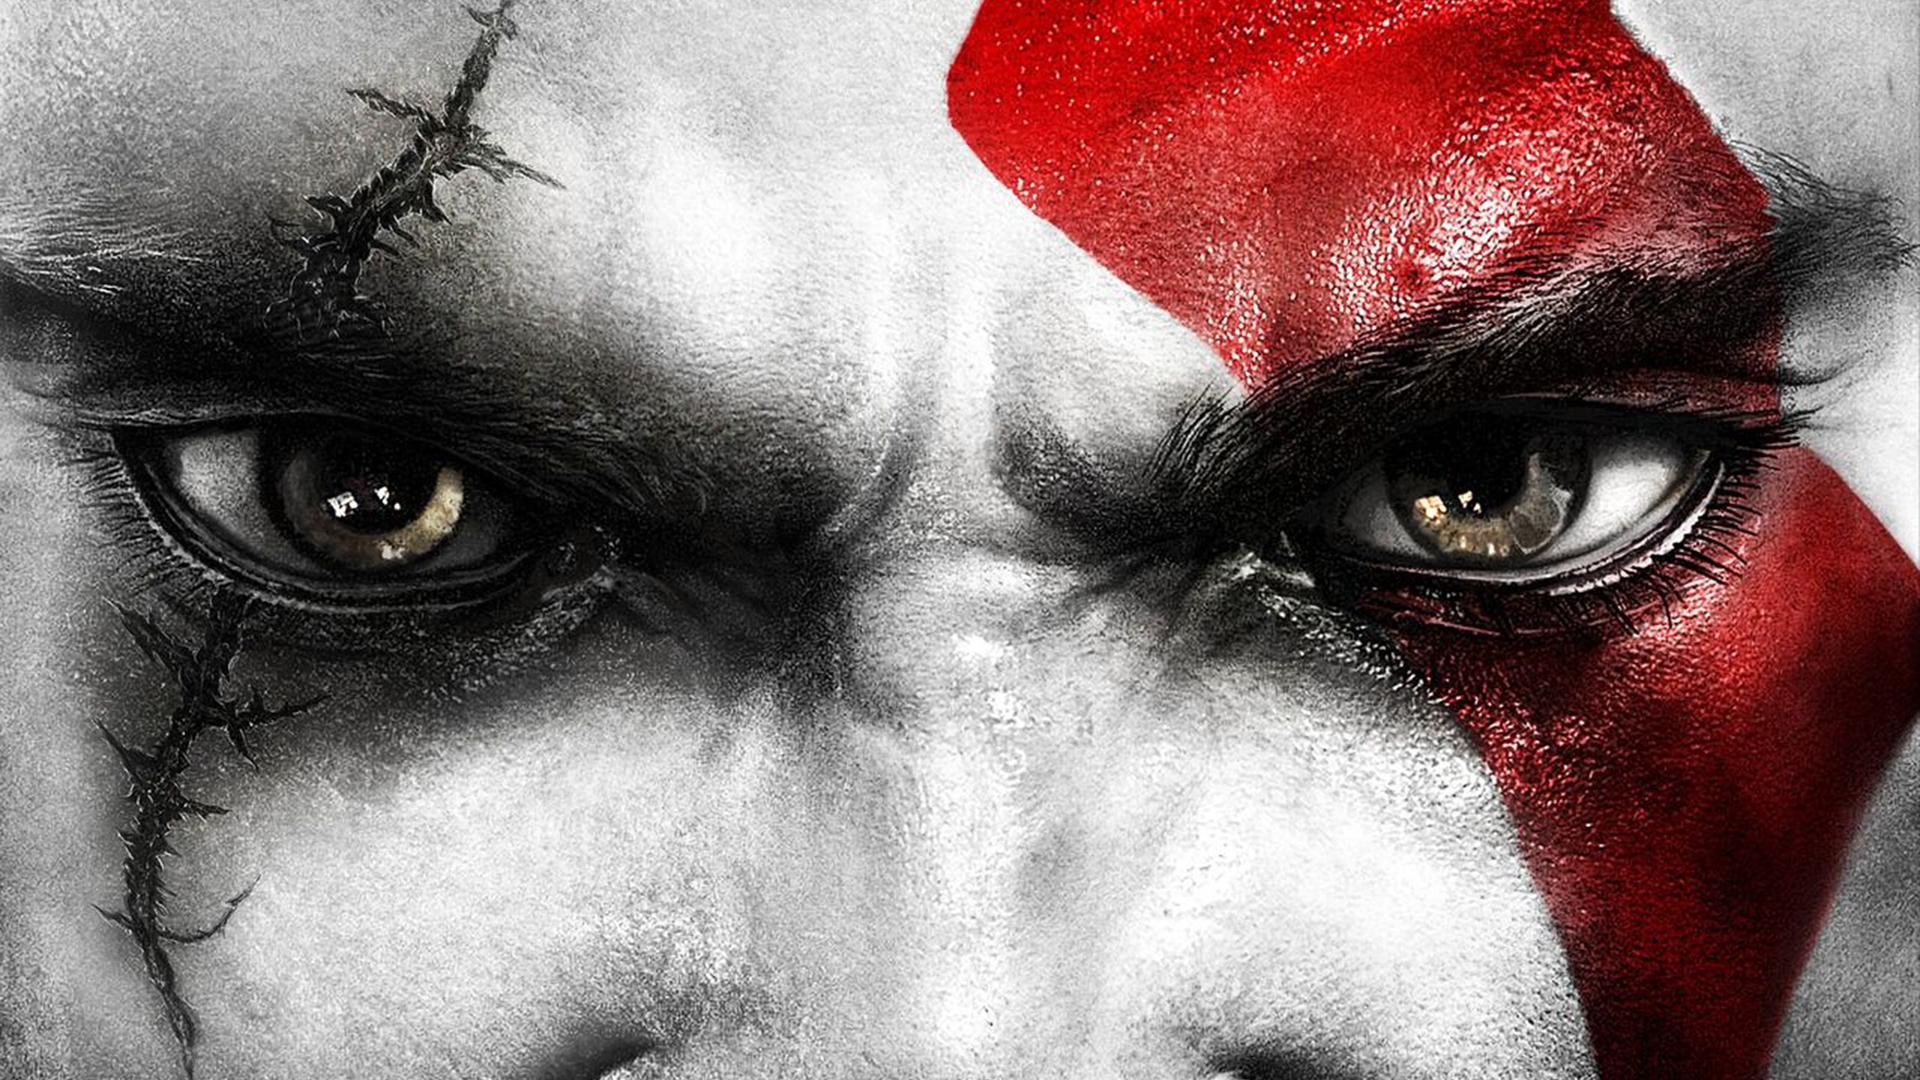 《战神3》高清壁纸下载